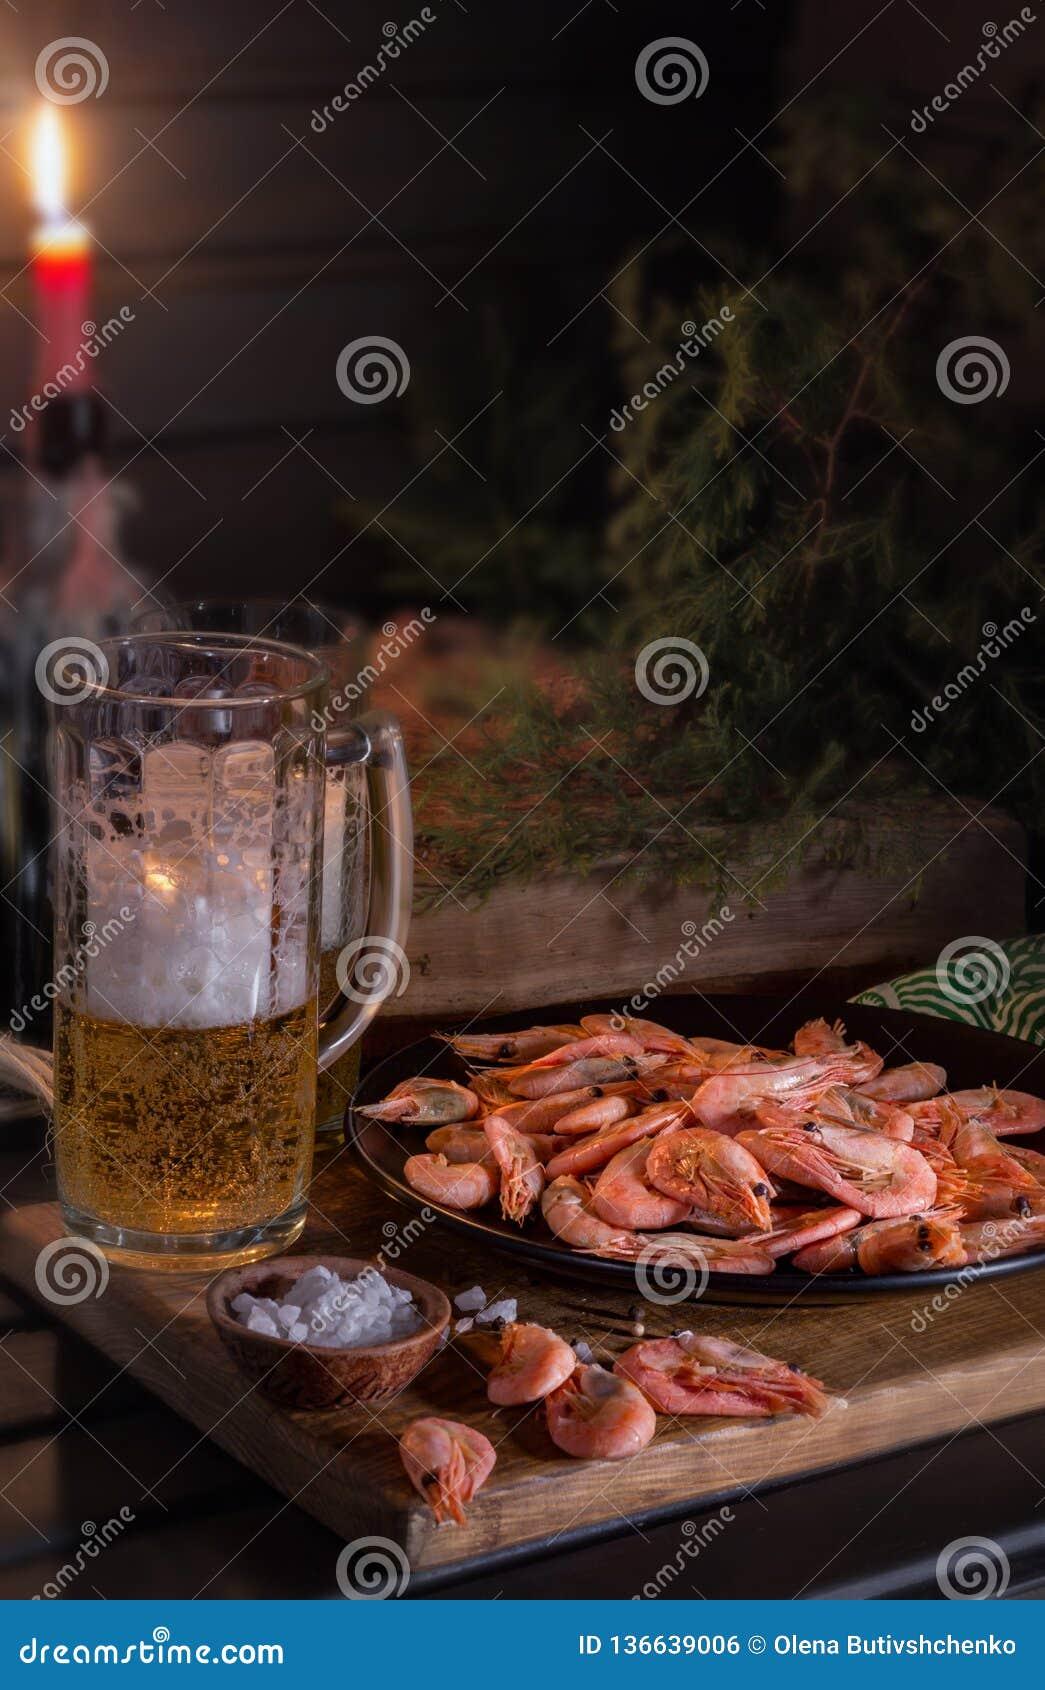 Platte ist von der Garnele voll Nahe einem Glas Bier Schimmerndes mysteriöses Licht